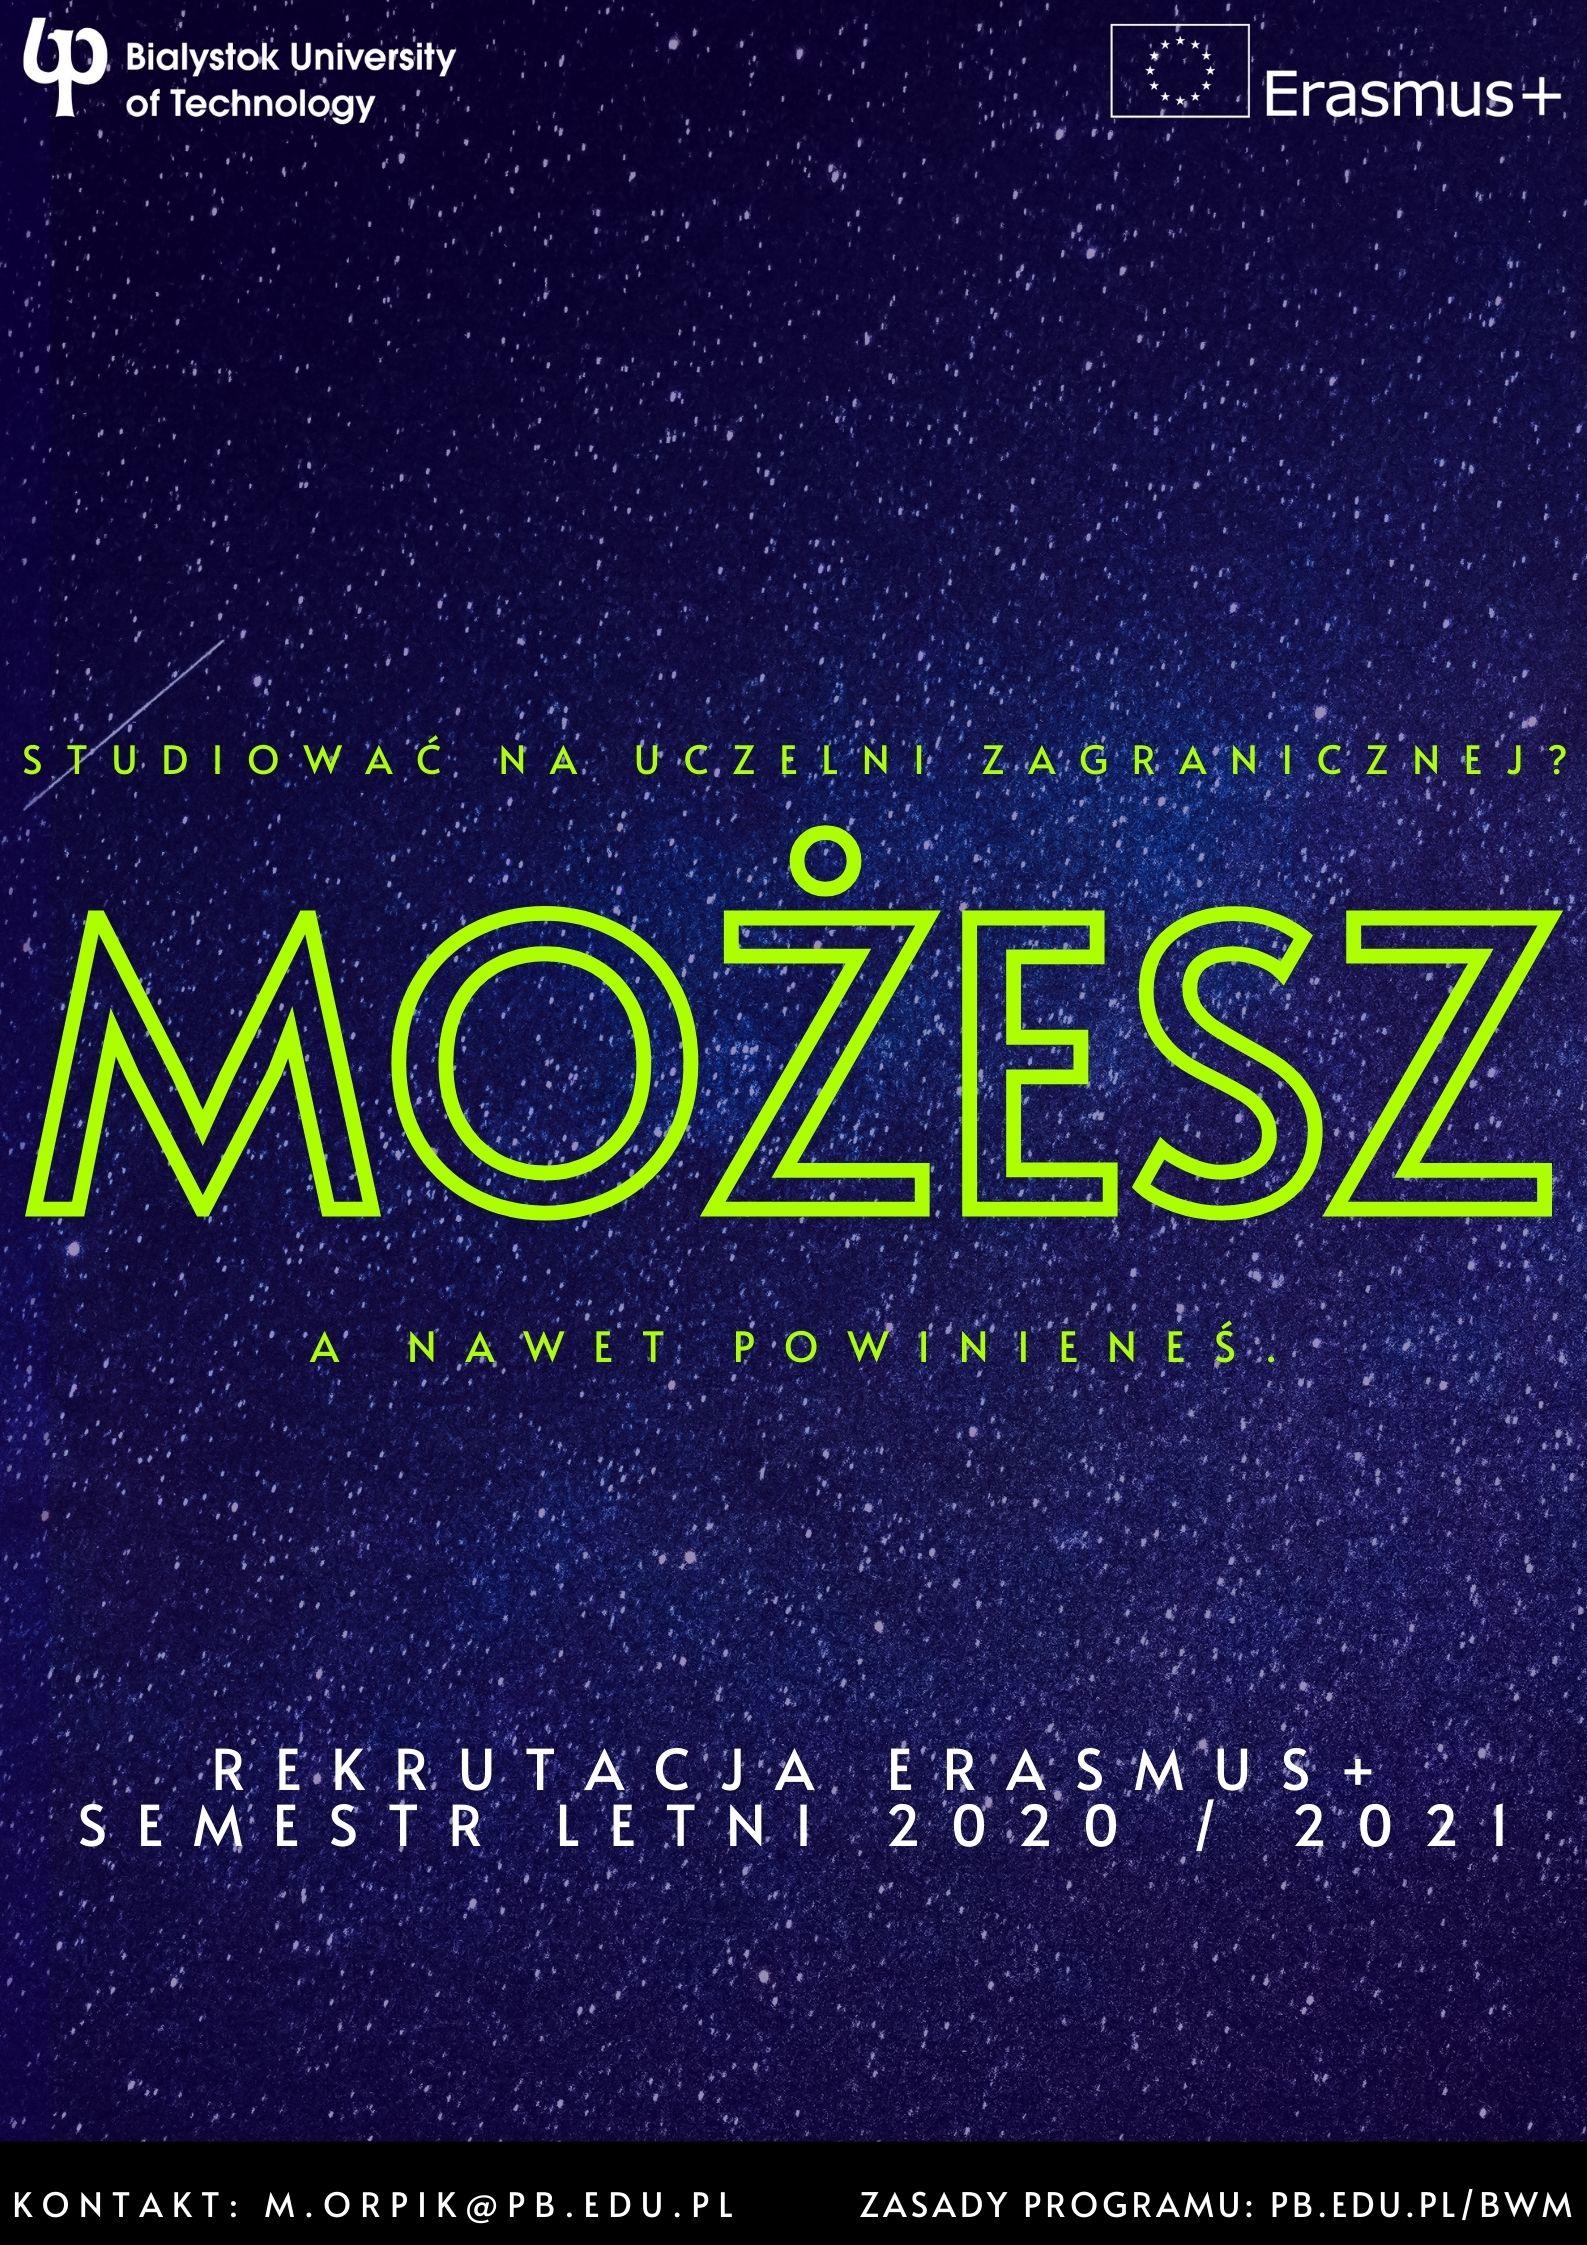 Plakat promocyjny rekrutacja Erasmus+ na studia w sem. letnim 2020/21